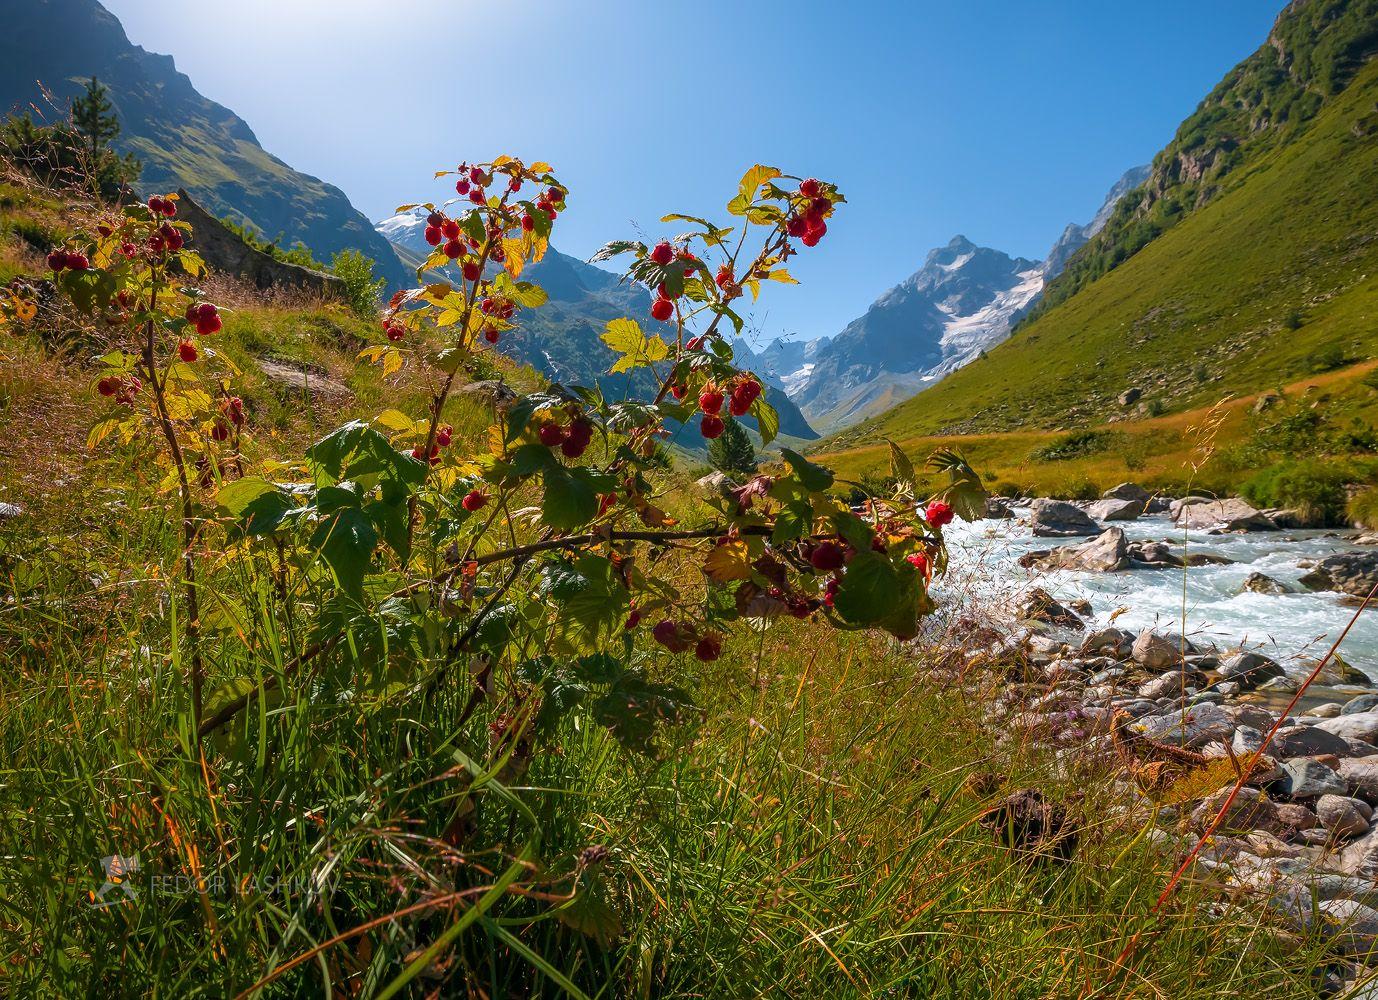 Вкус лета Северный Кавказ макро луг трава лето летнее малина ягода красный зелёный горы вершины горное